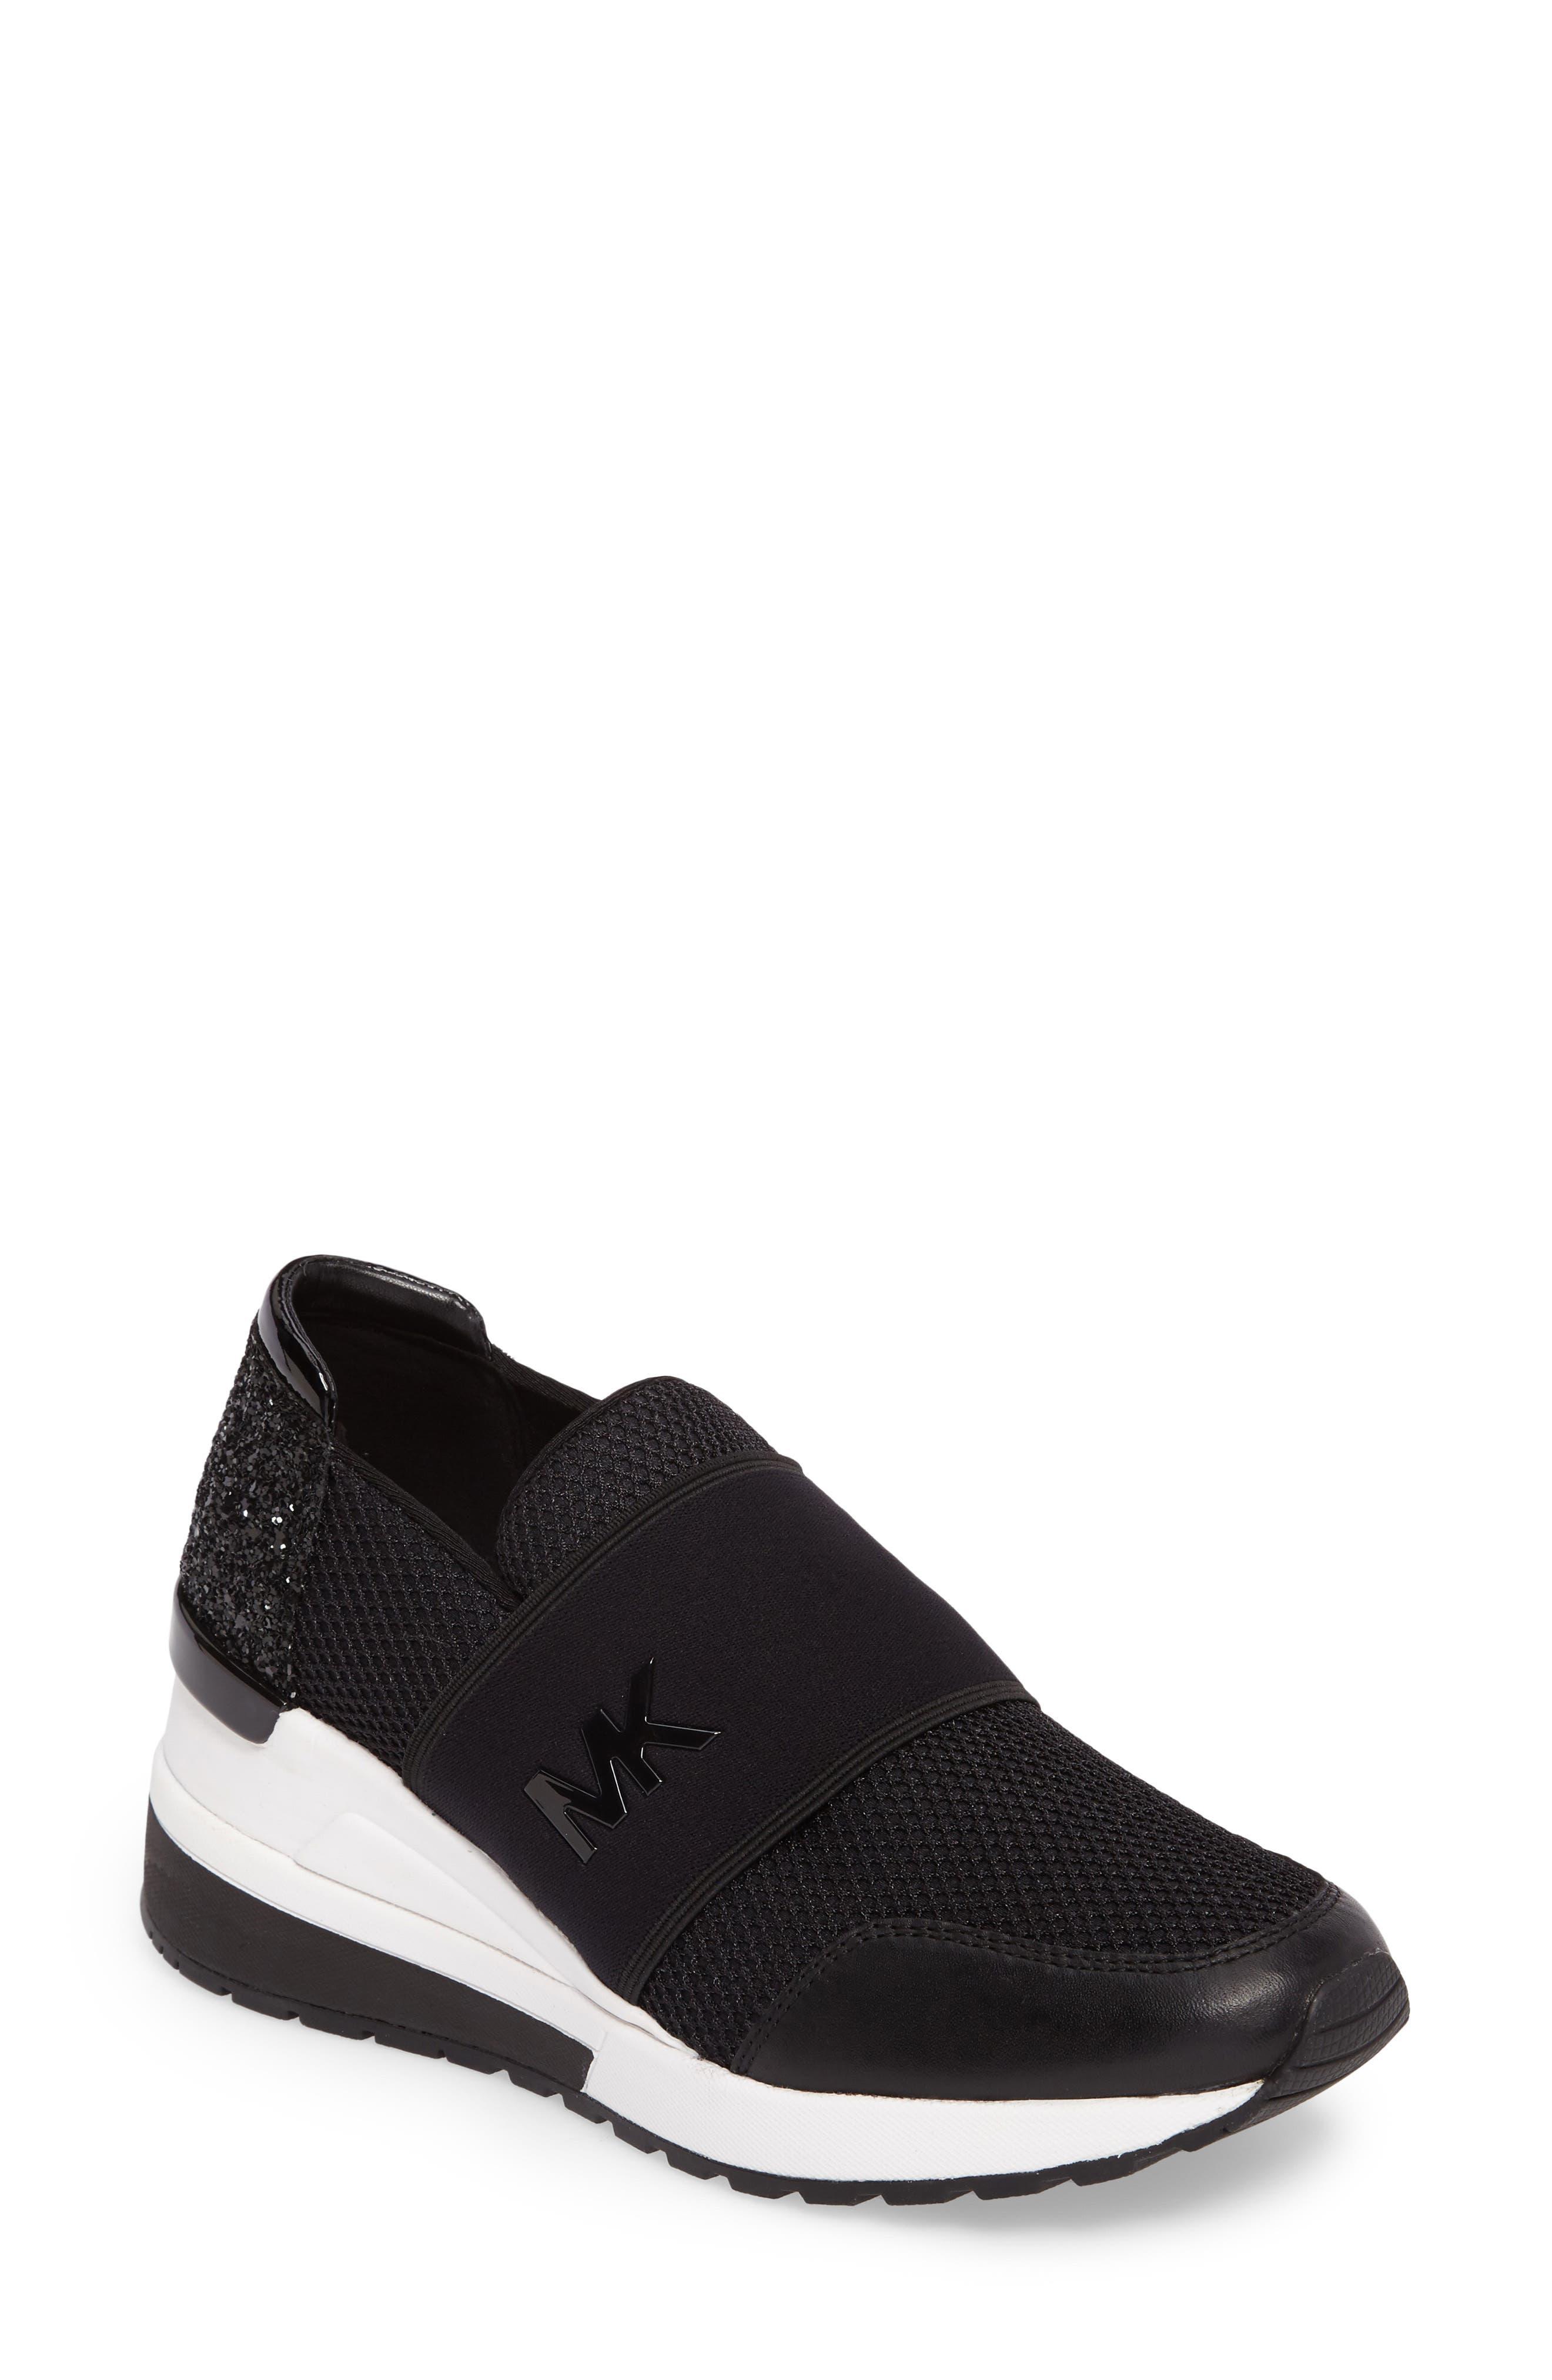 Main Image - MICHAEL Michael Kors Felix Slip-On Glitter Sneaker (Women)